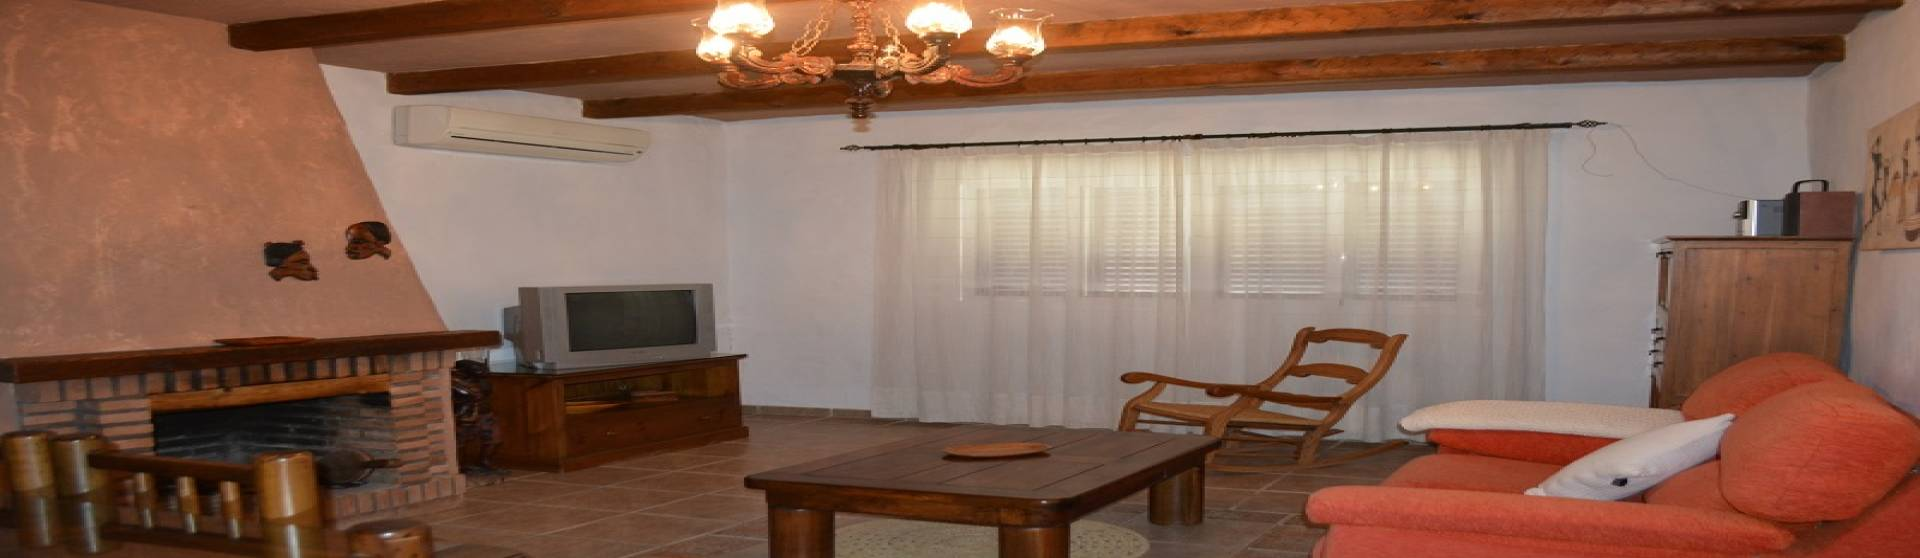 2 Schlafzimmer, Villa, Ferienhaus, 1 Badezimmer, Listing ID 1184, Vejer de la Frontera, Andalusien, Spanien, 11140,